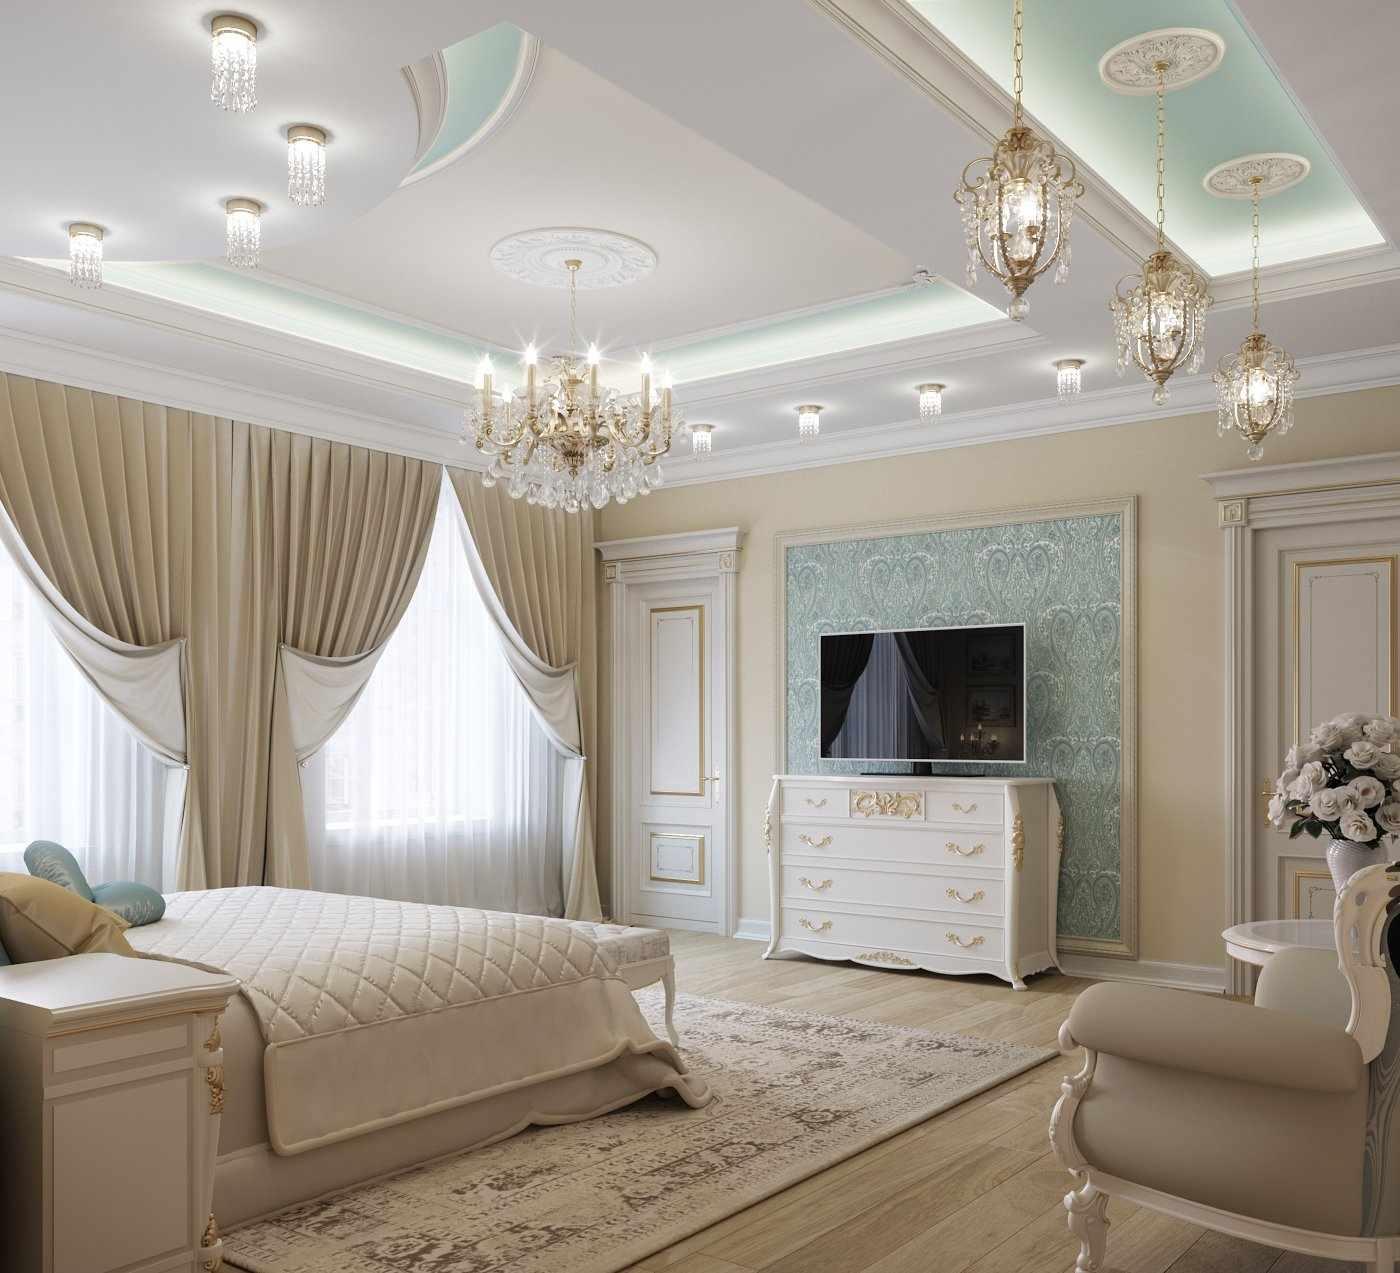 Натяжной потолок в спальне в классическом стиле